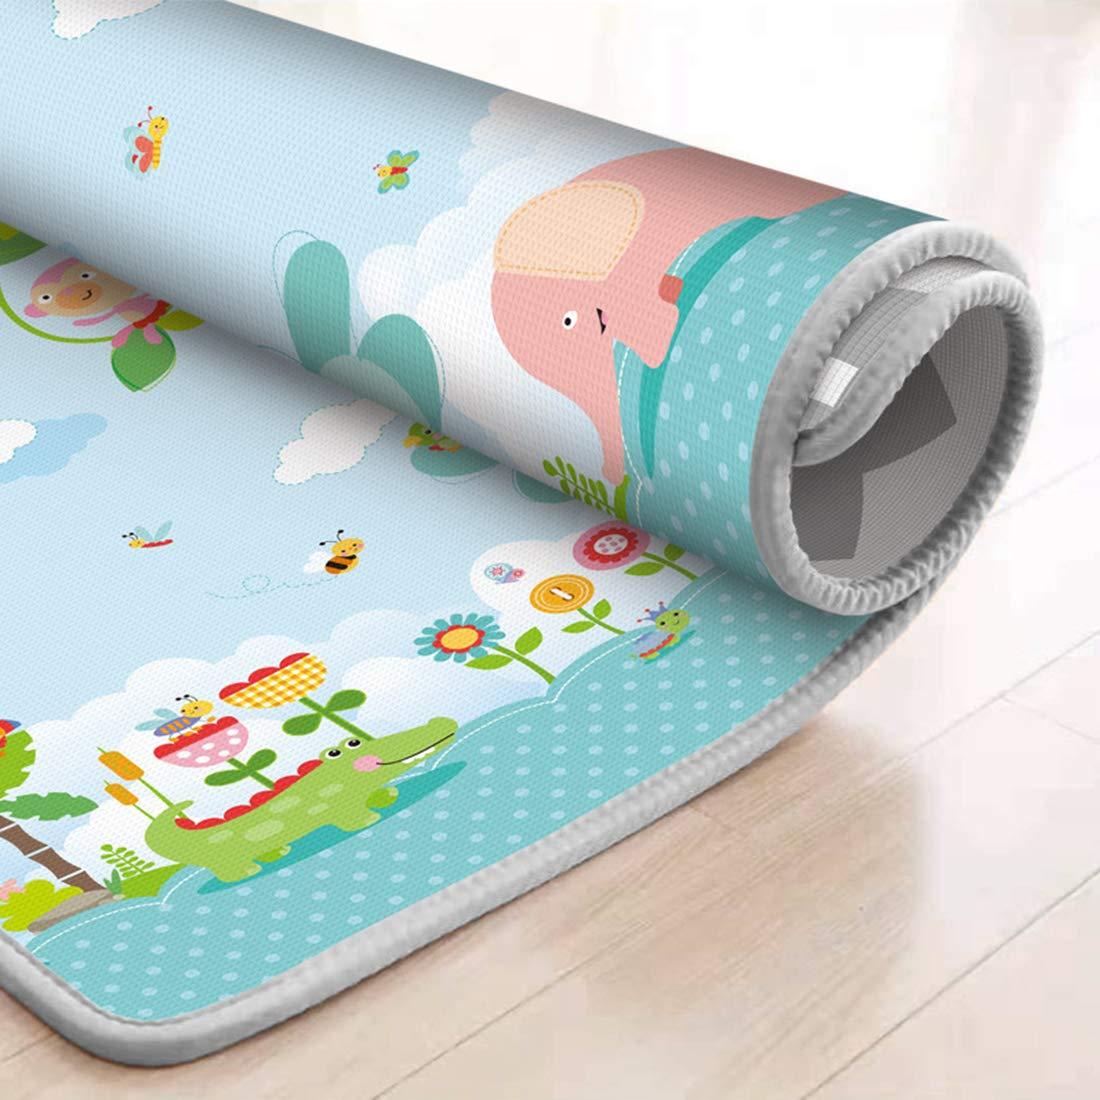 ZUJI Tappeto Bambini Tappeto Gattonamento Morbido Tappeto Gioco A Non tossico e Impermeabile 200 x 180 x 1 cm